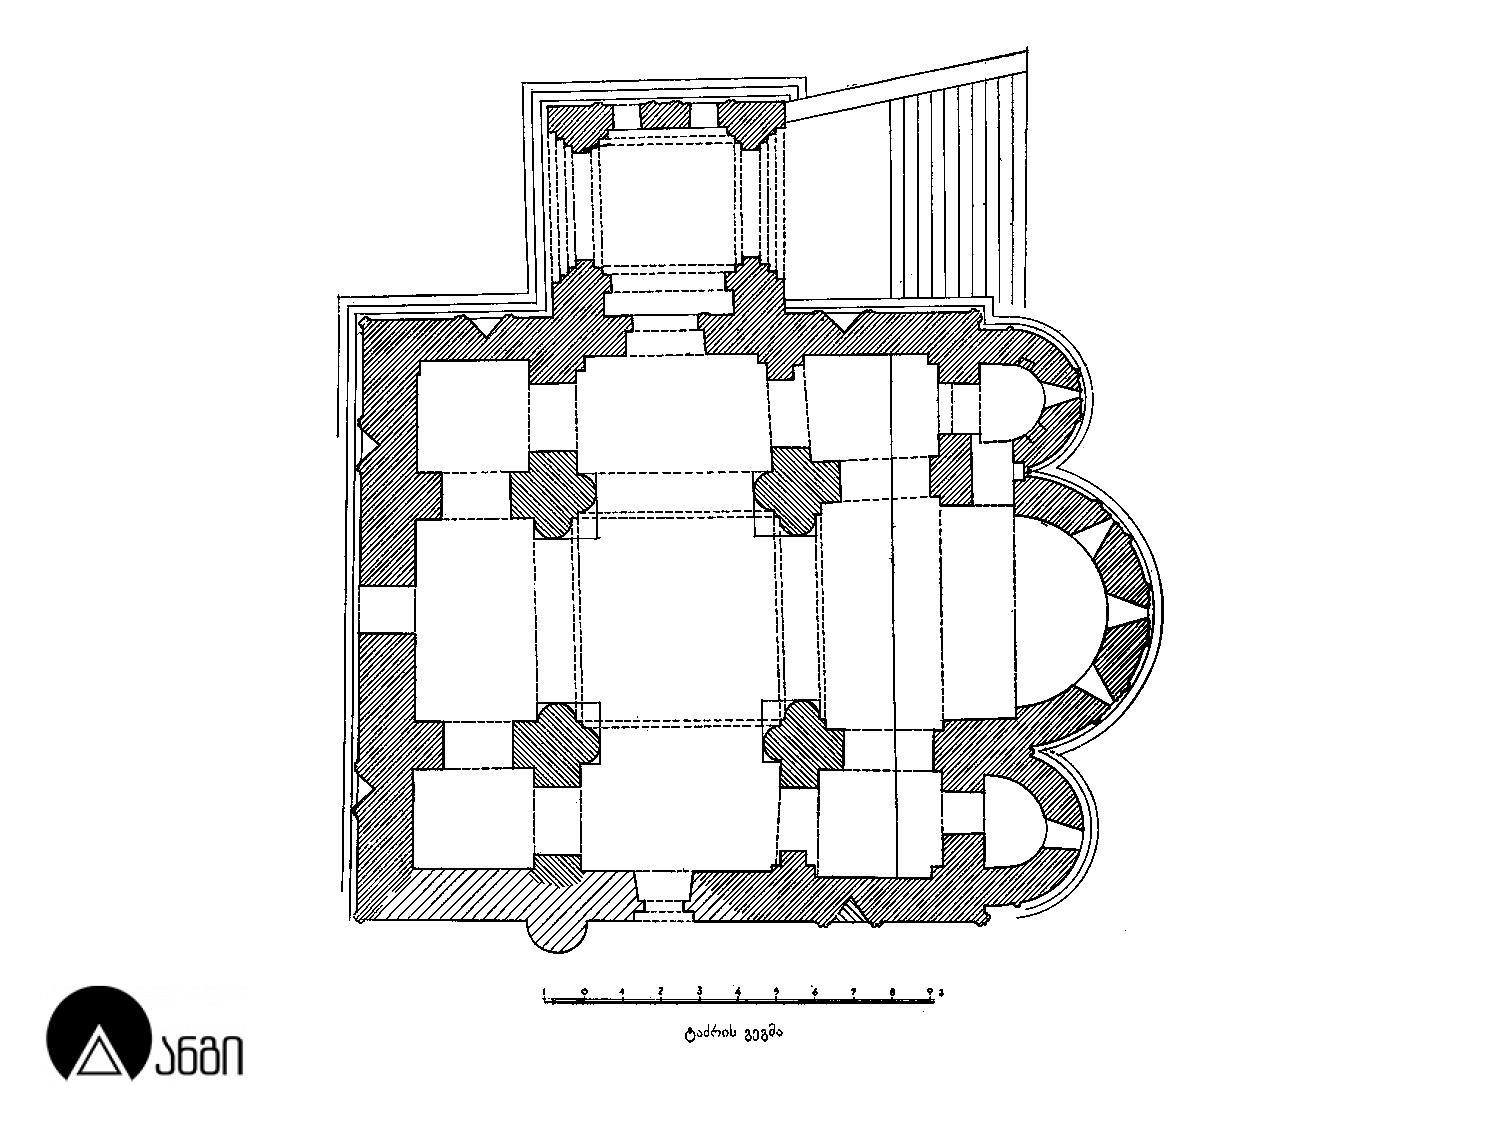 მეტეხის ტაძრის გეგმა